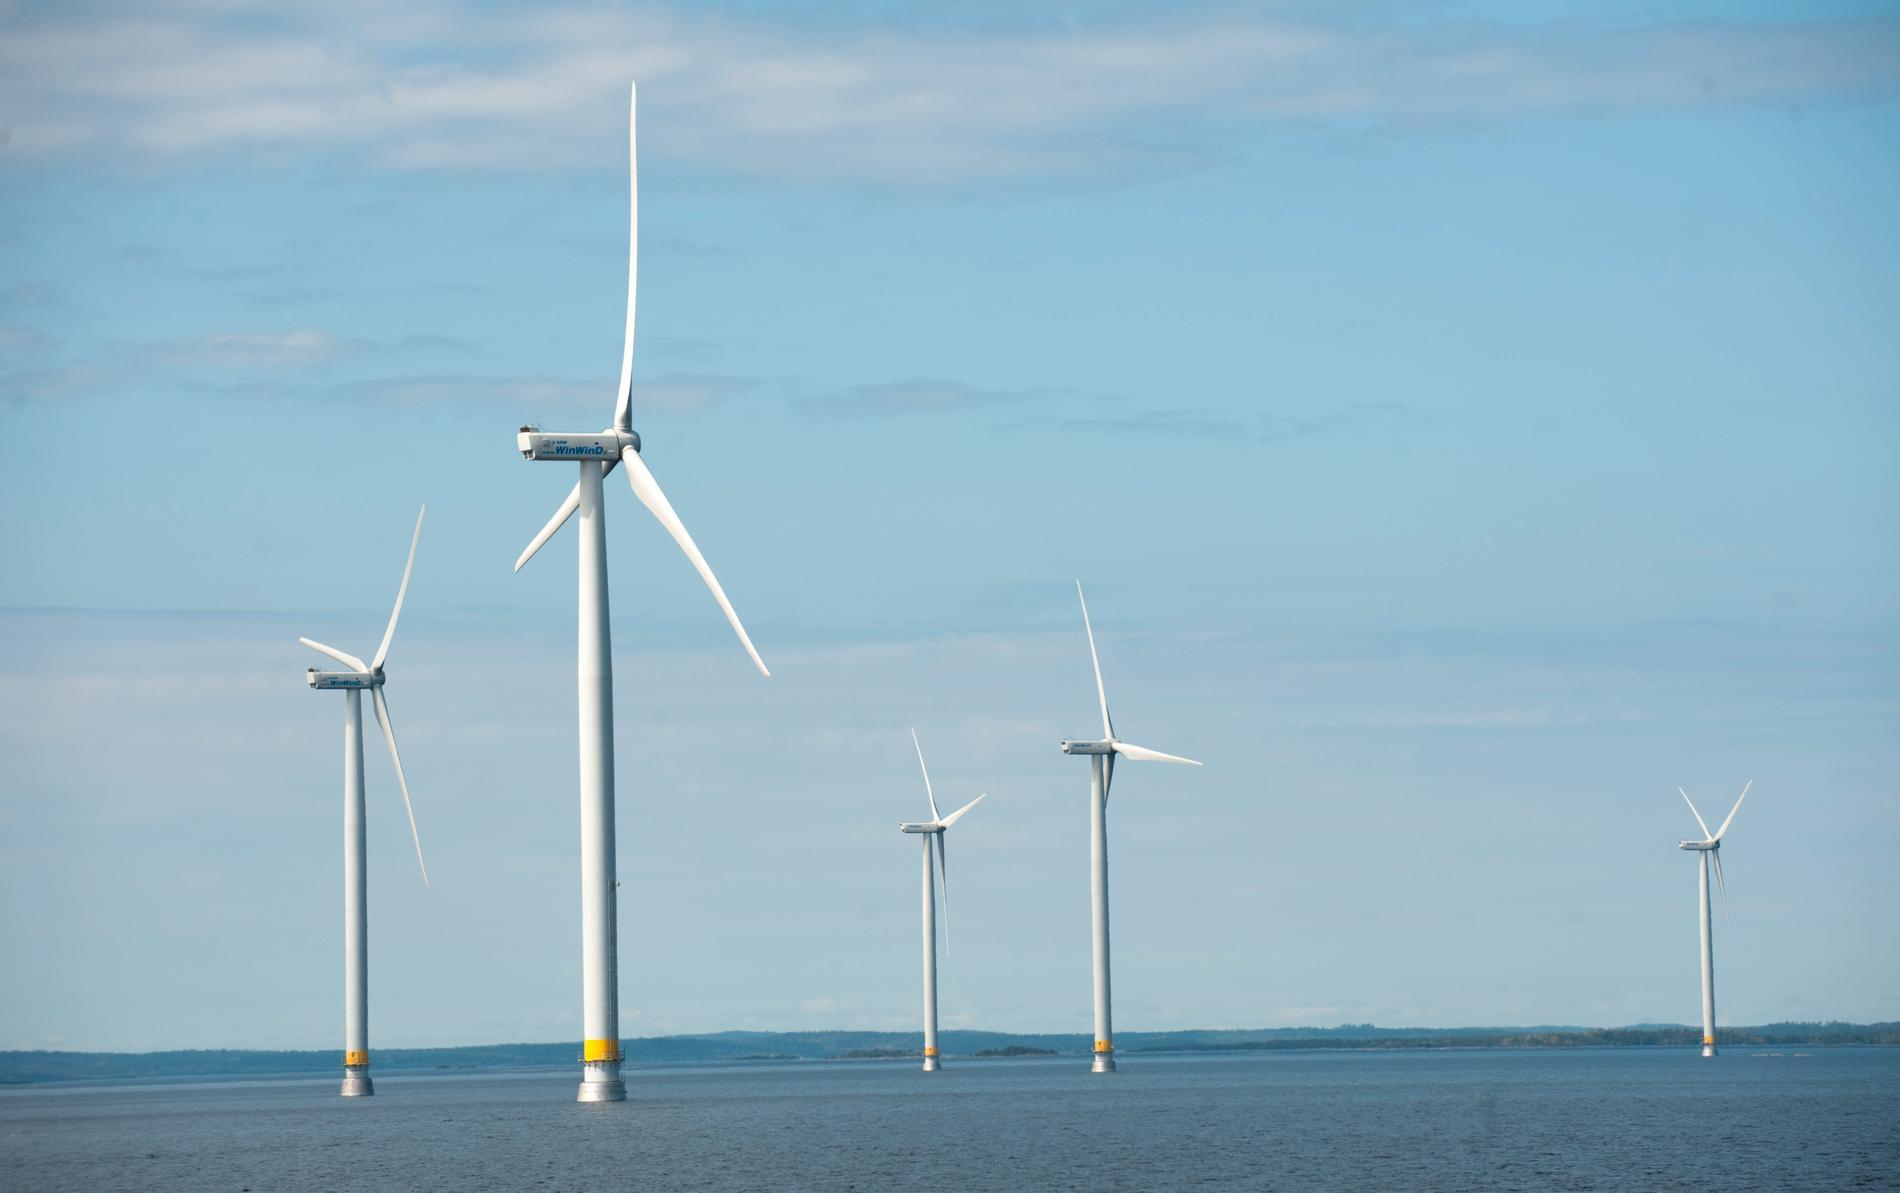 Försvaret och vindkraftsindustrin konkurrerar om samma områden i havet. Arkivbild.